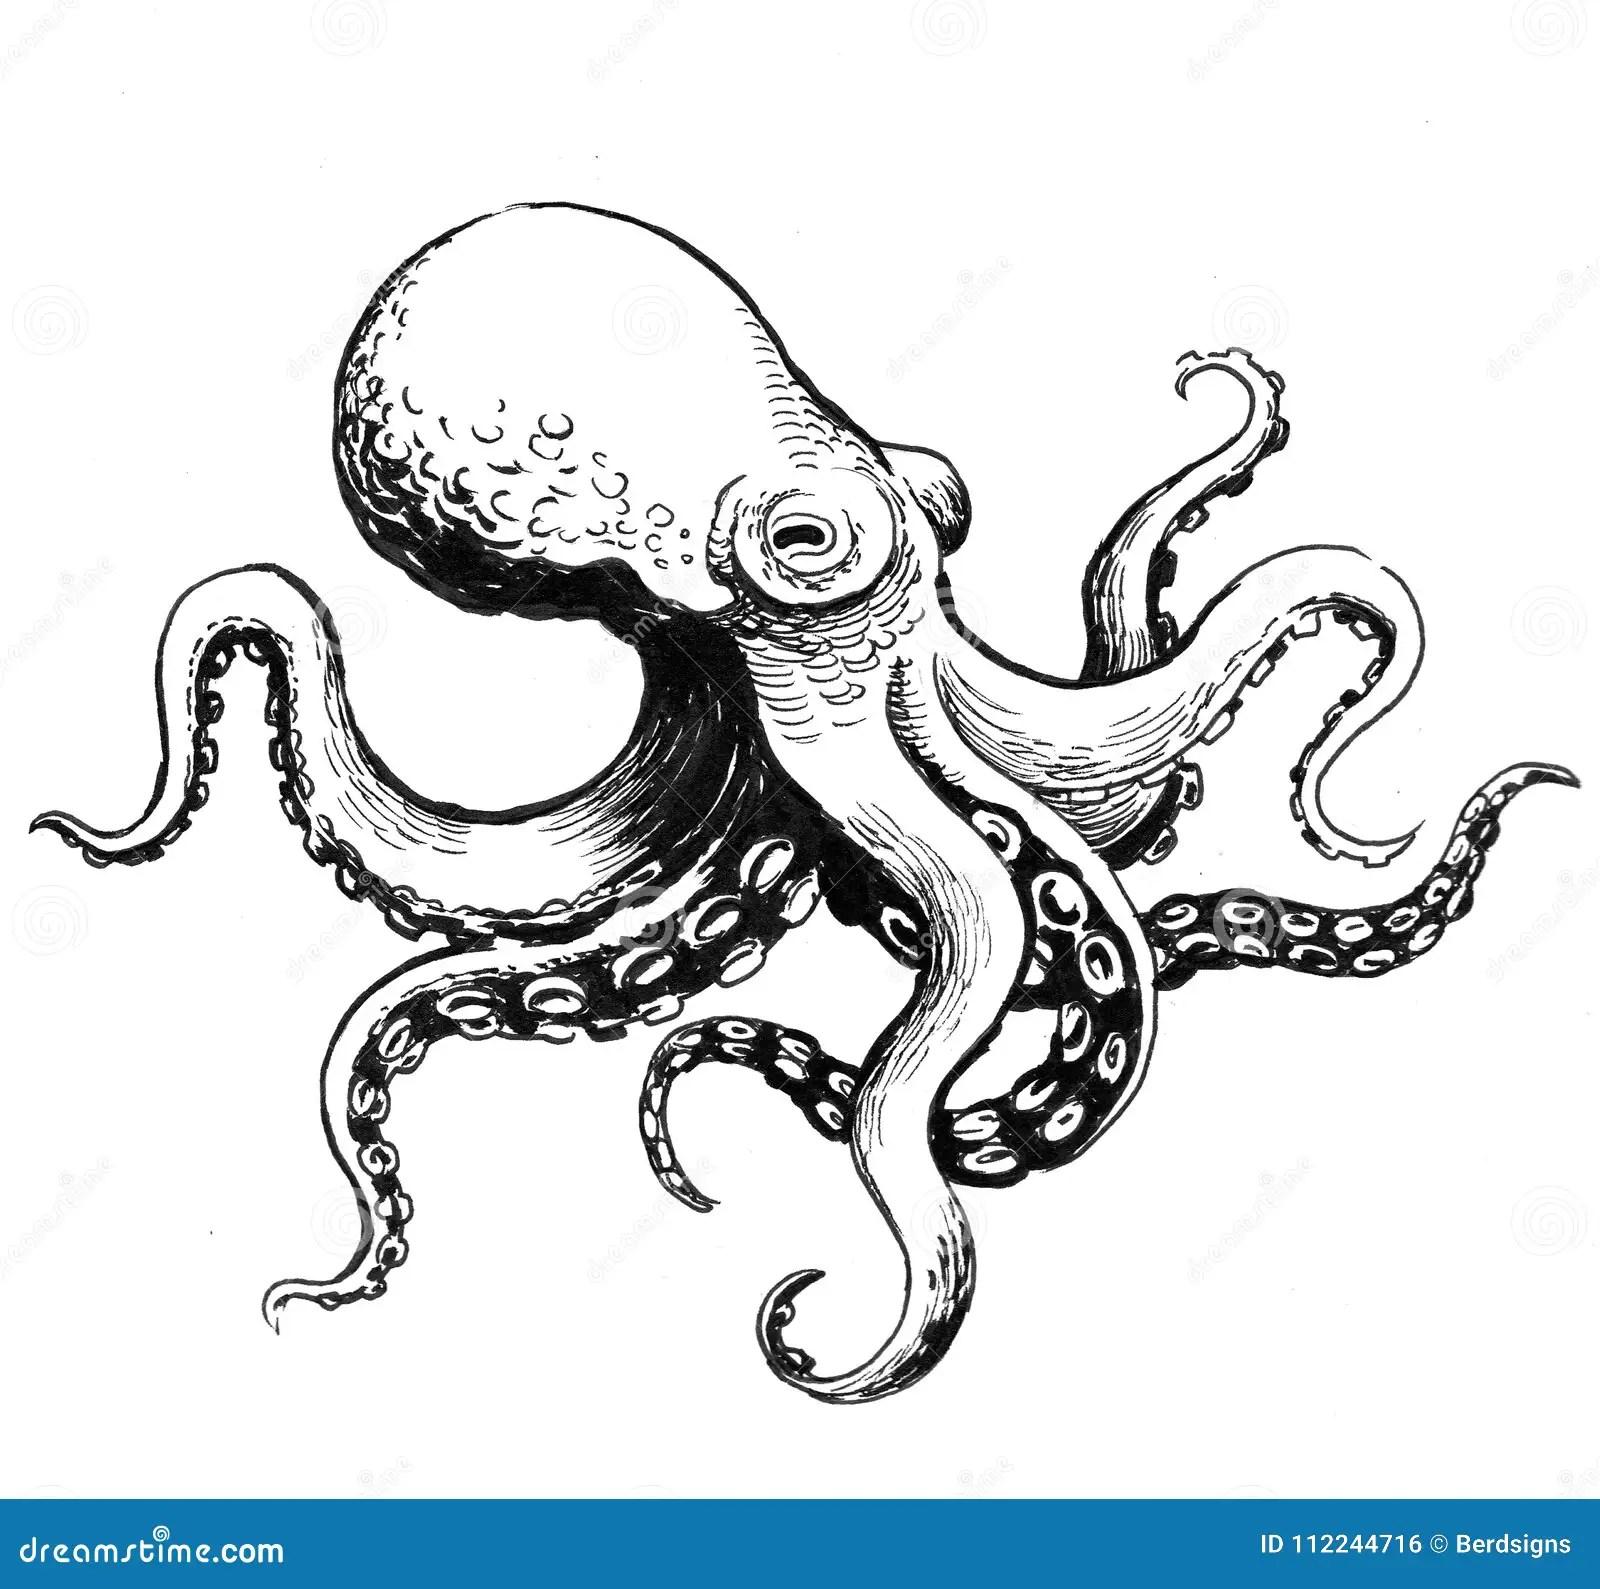 Octopus Sketch Stock Illustration Illustration Of